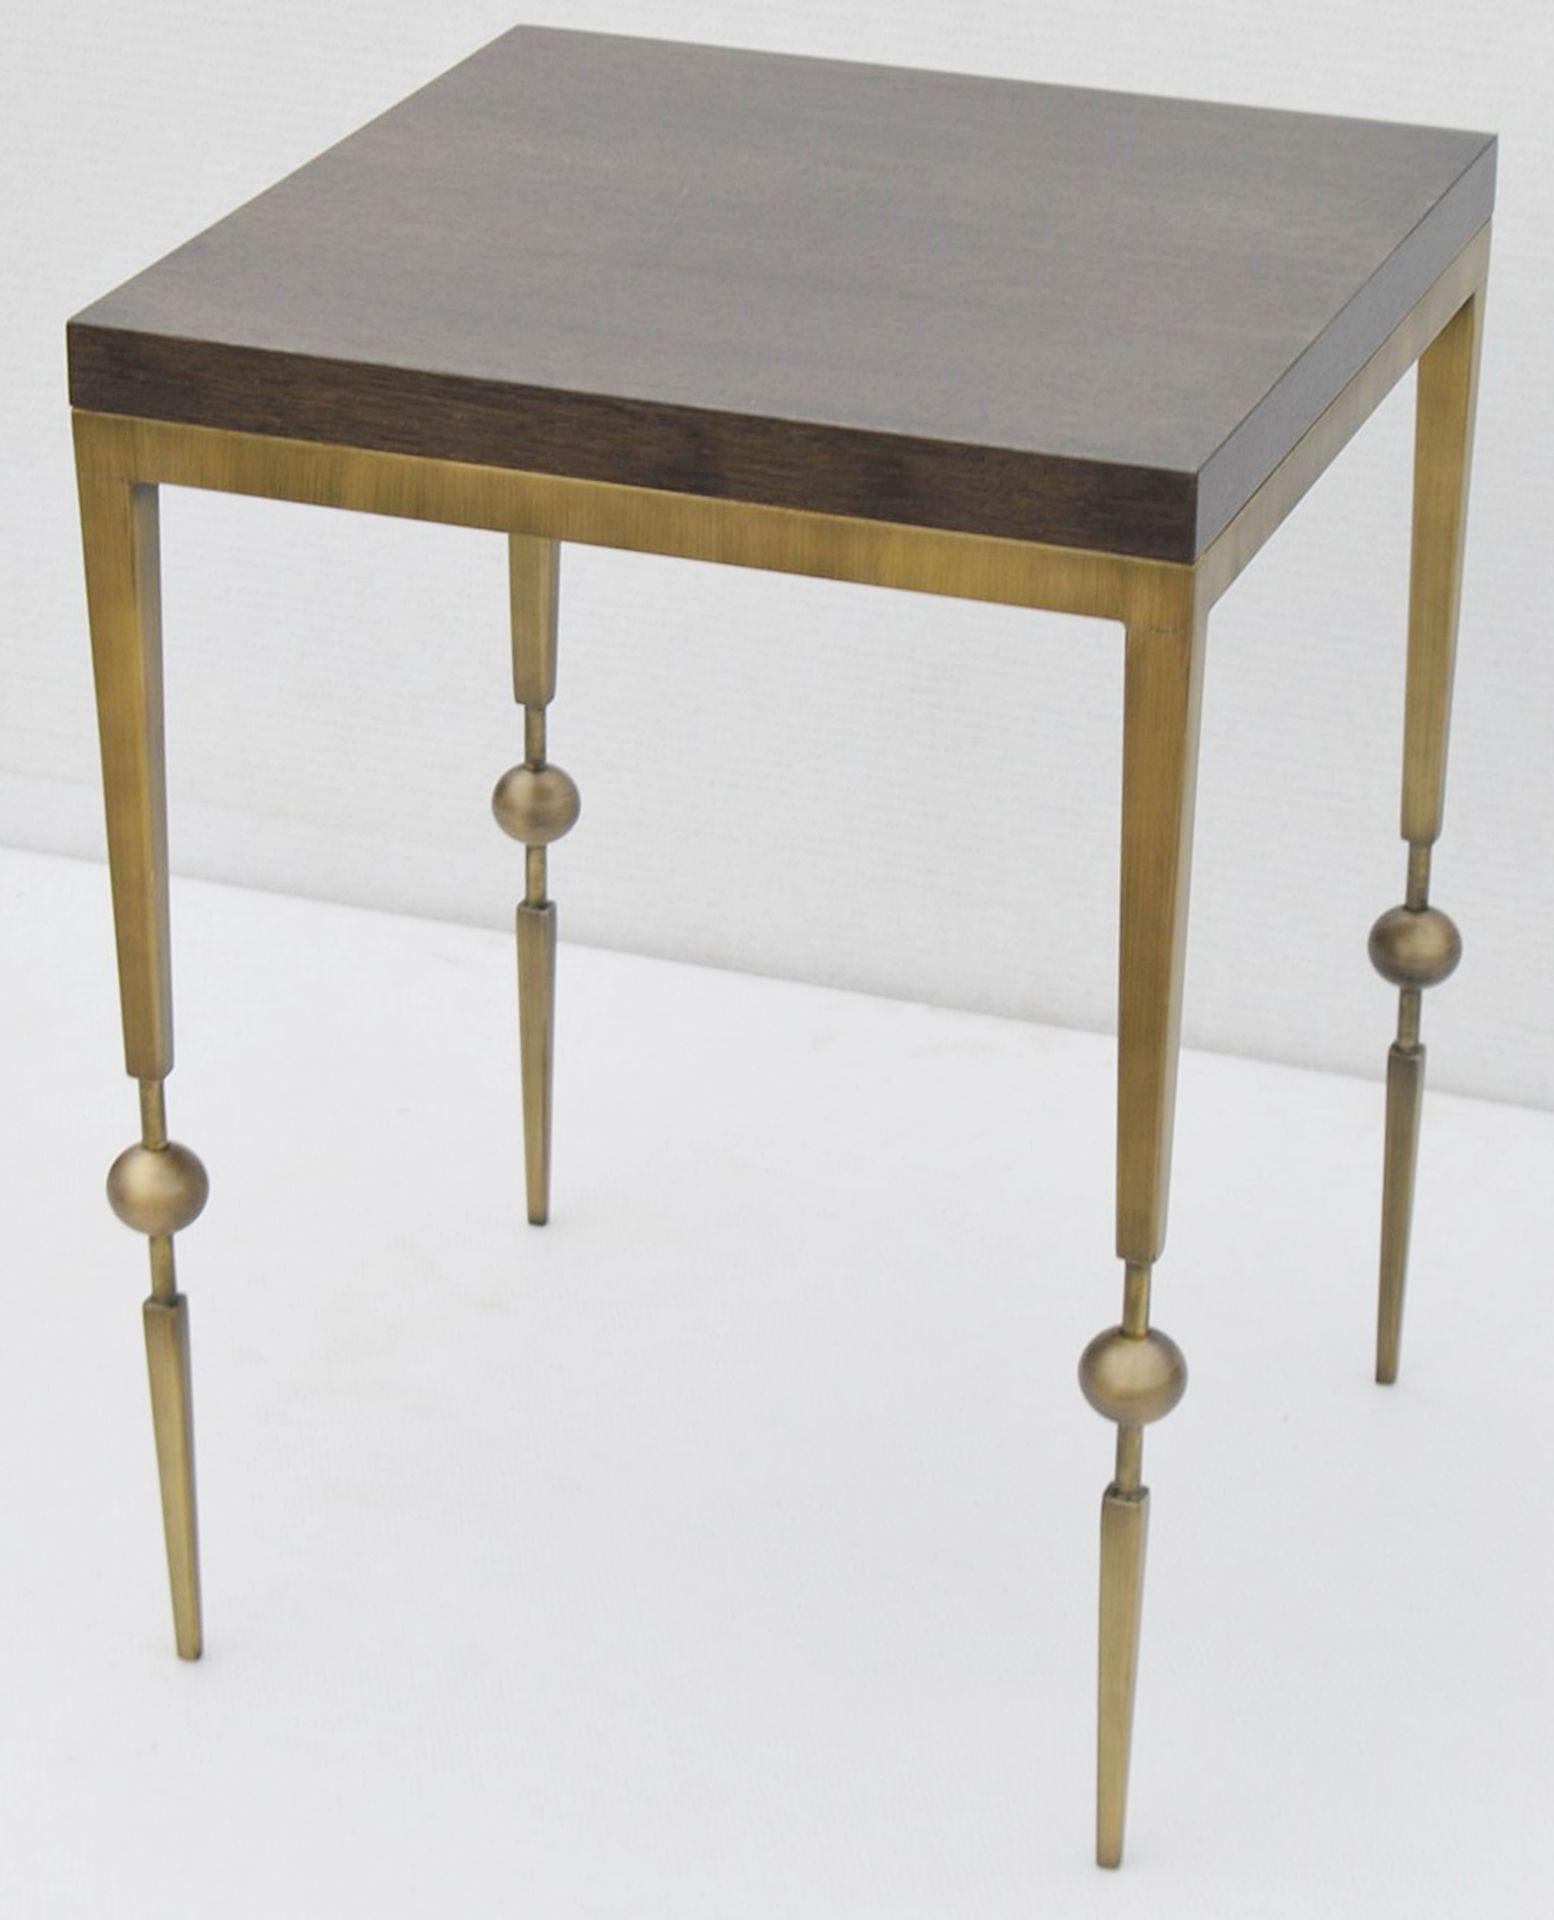 1 x JUSTIN VAN BREDA 'Sphere' Designer Occasional Table - Original RRP £1,200